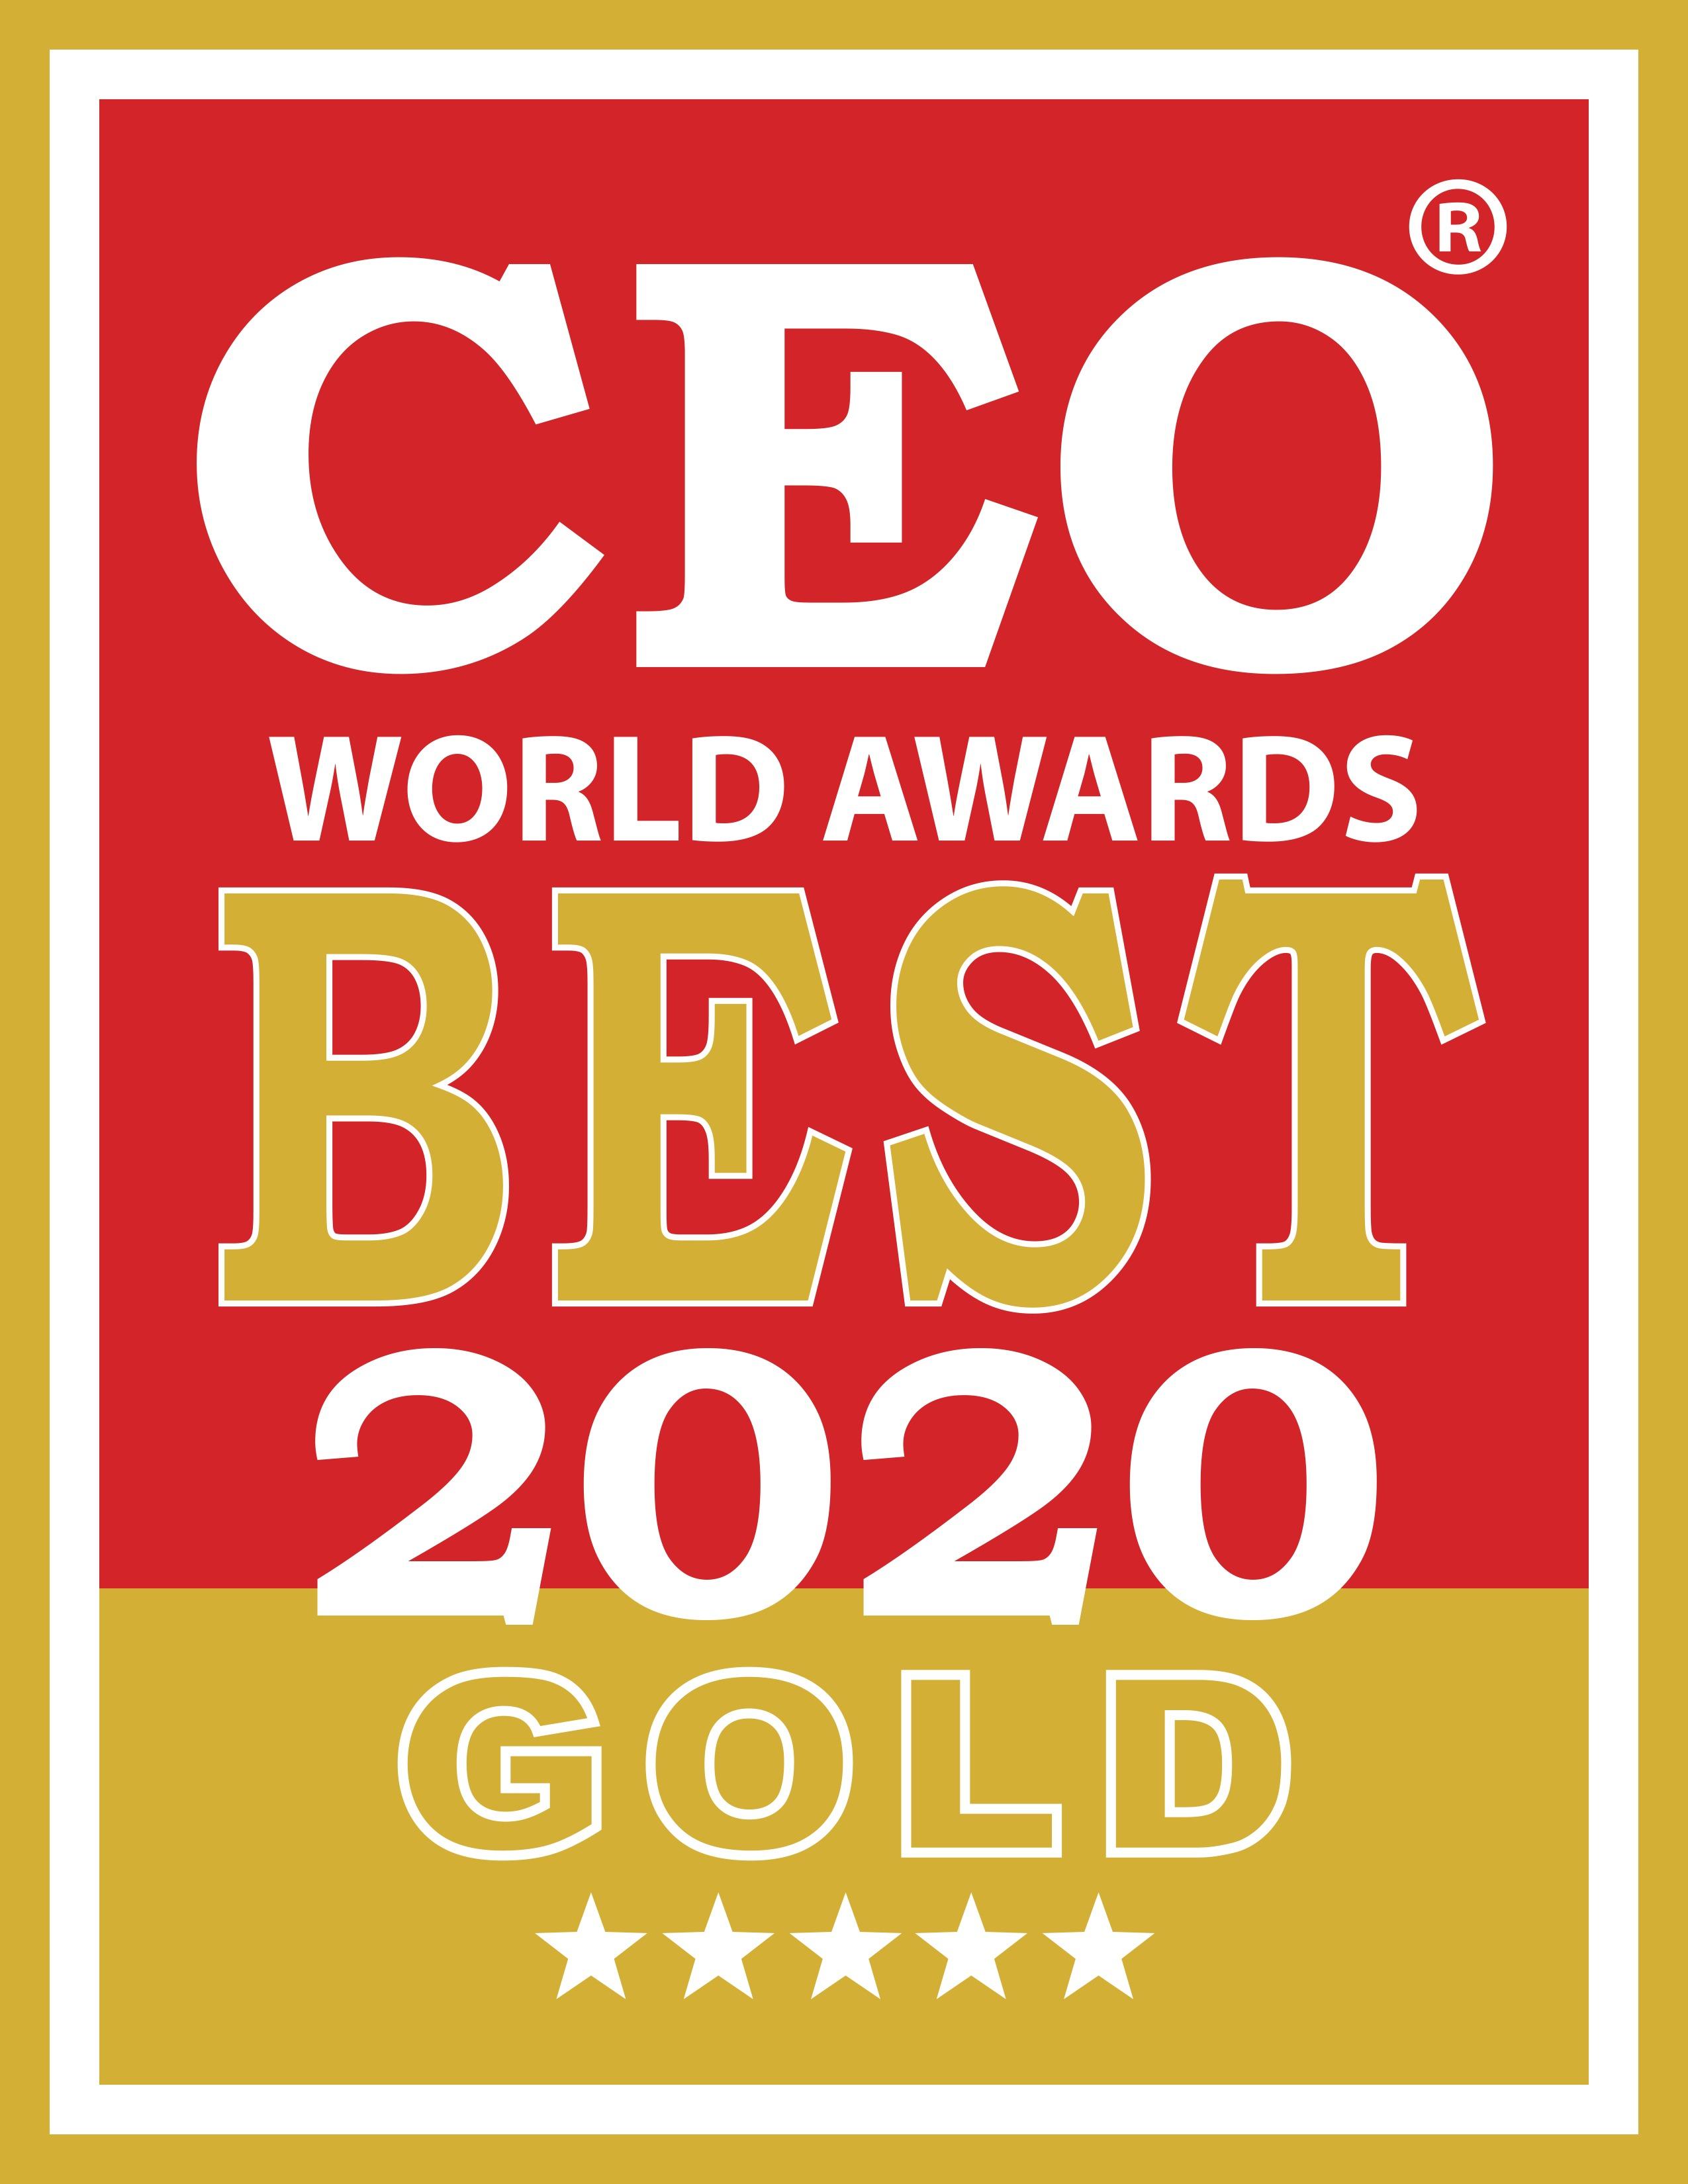 CEO World Awards 2020